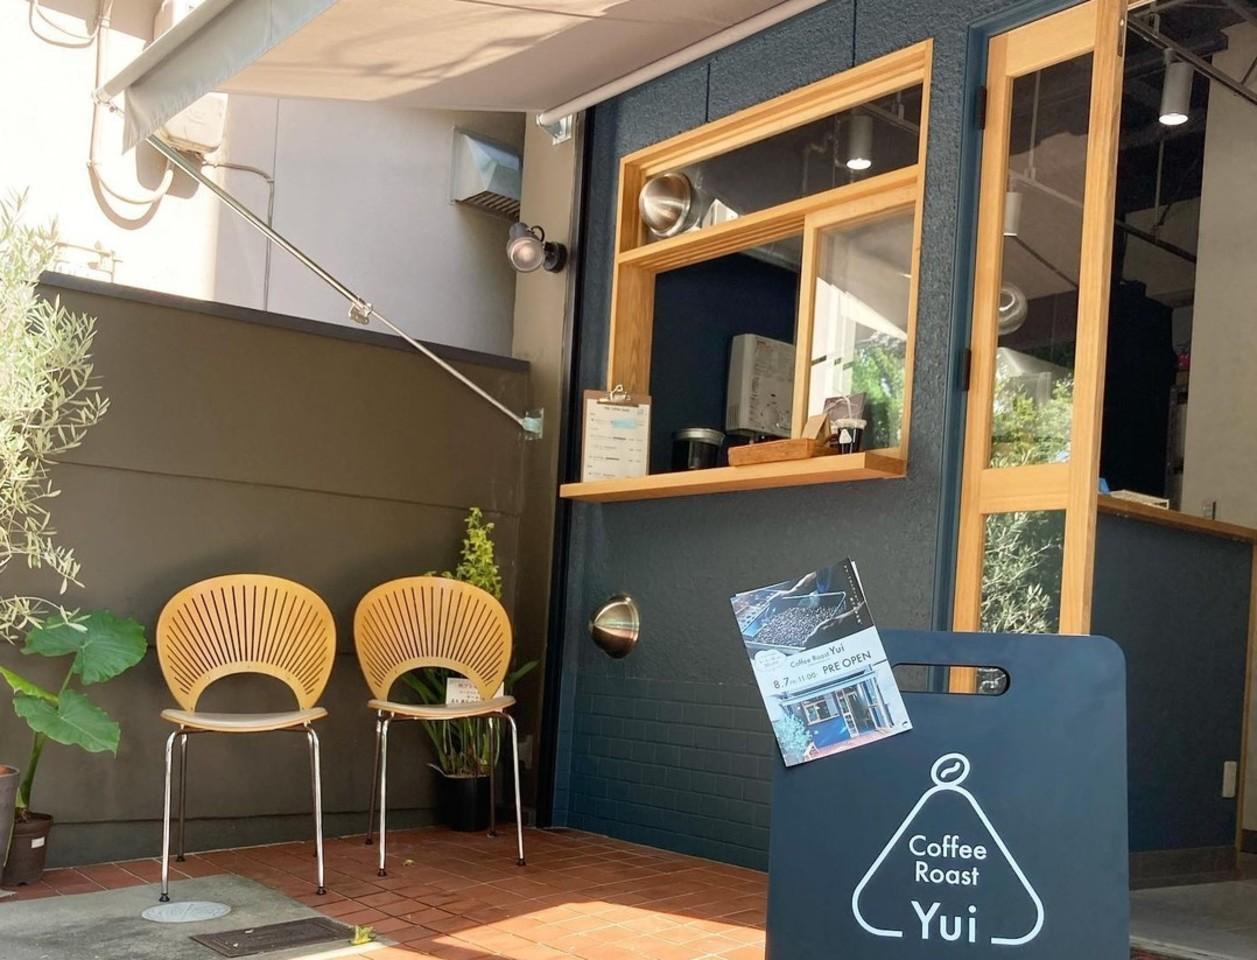 京都市北区小山中溝町に「コーヒーロースト ユイ」が8/7~プレオープンされているようです。